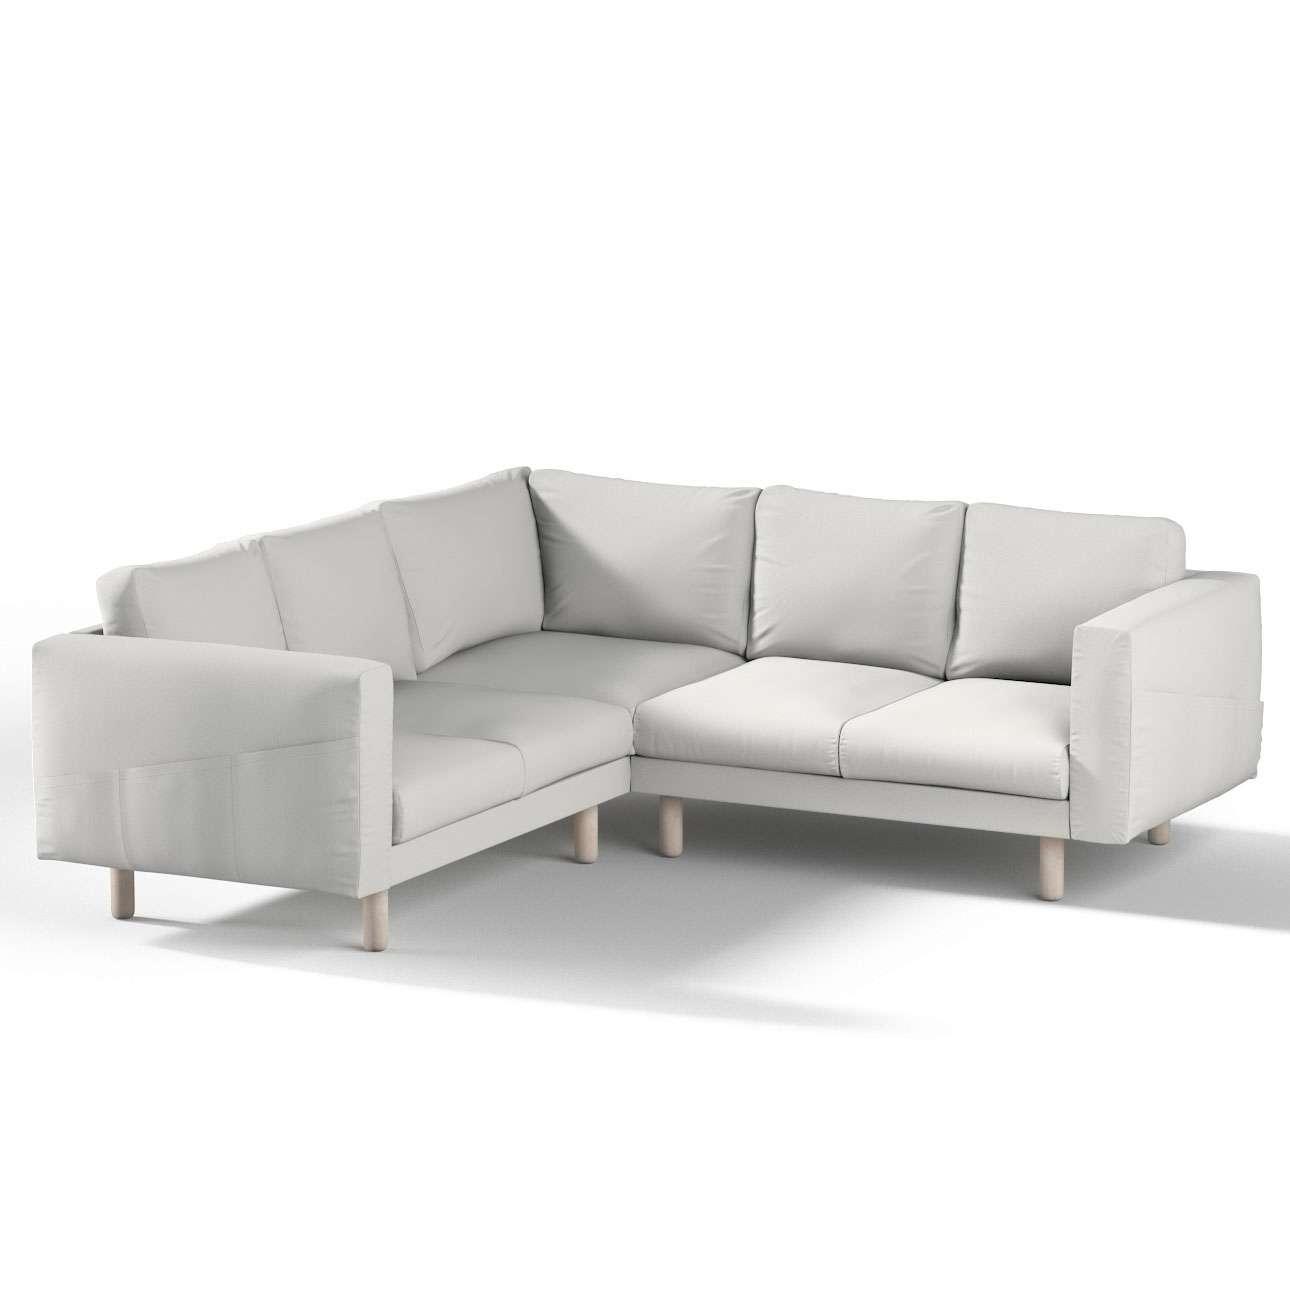 Pokrowiec na sofę narożną Norsborg 4-osobową w kolekcji Etna, tkanina: 705-90